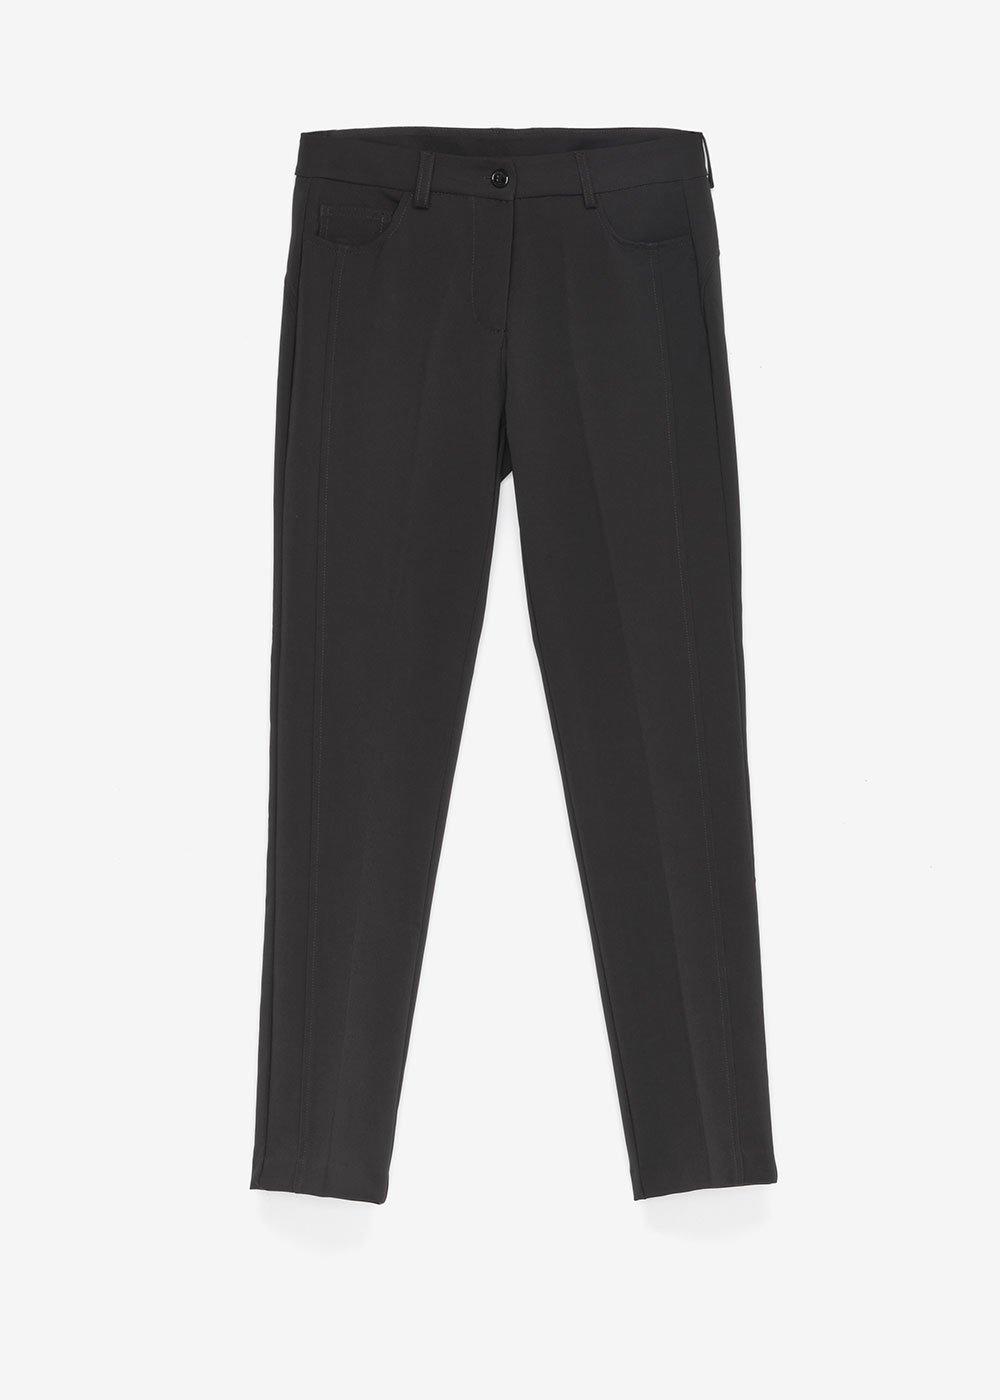 Pantalone Katerunne modello skinny - Black - Donna